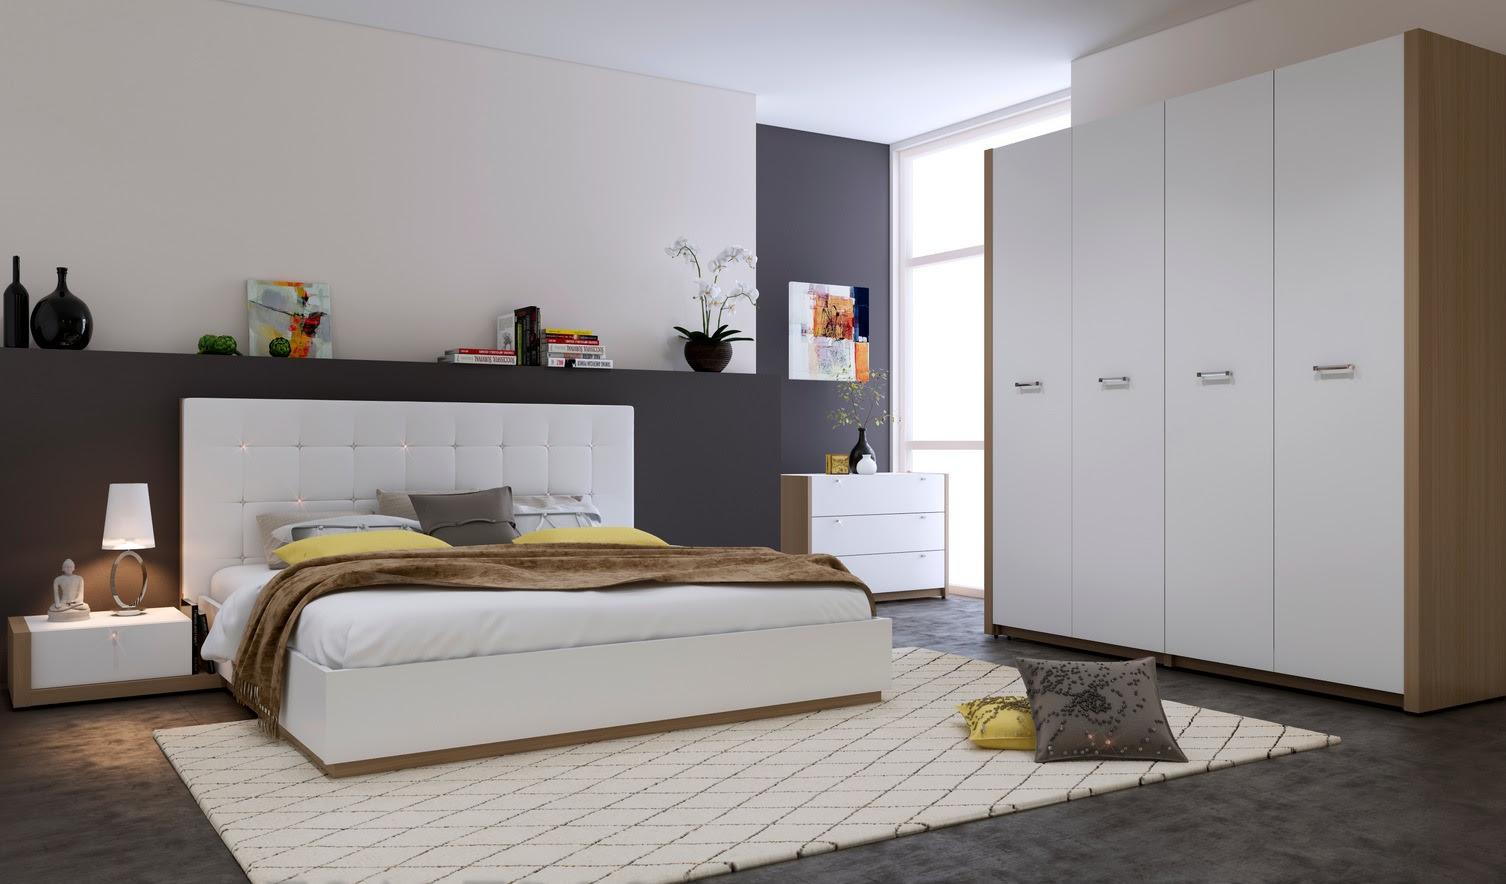 bedroom door design 2018  | 1506 x 884